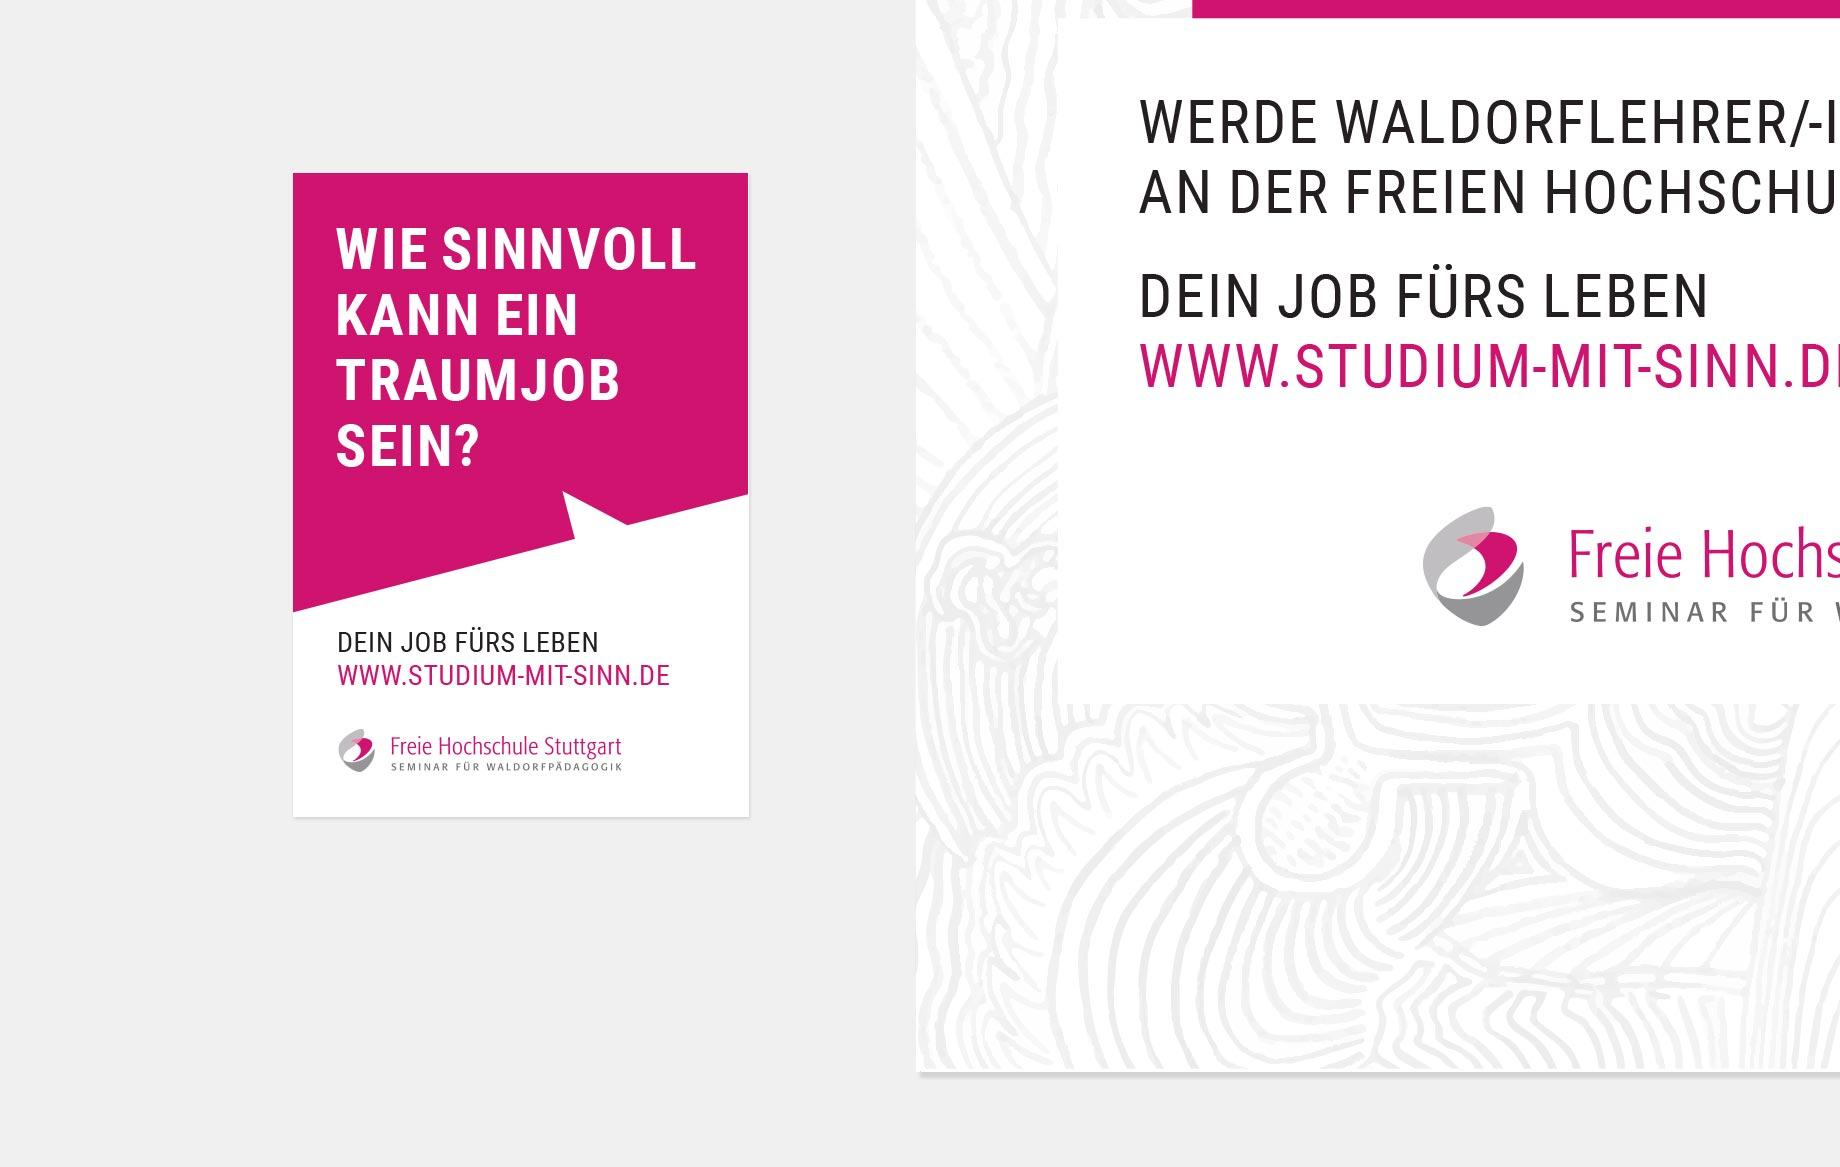 Plakate und Sticker für die Freie Hochschule Stuttgart